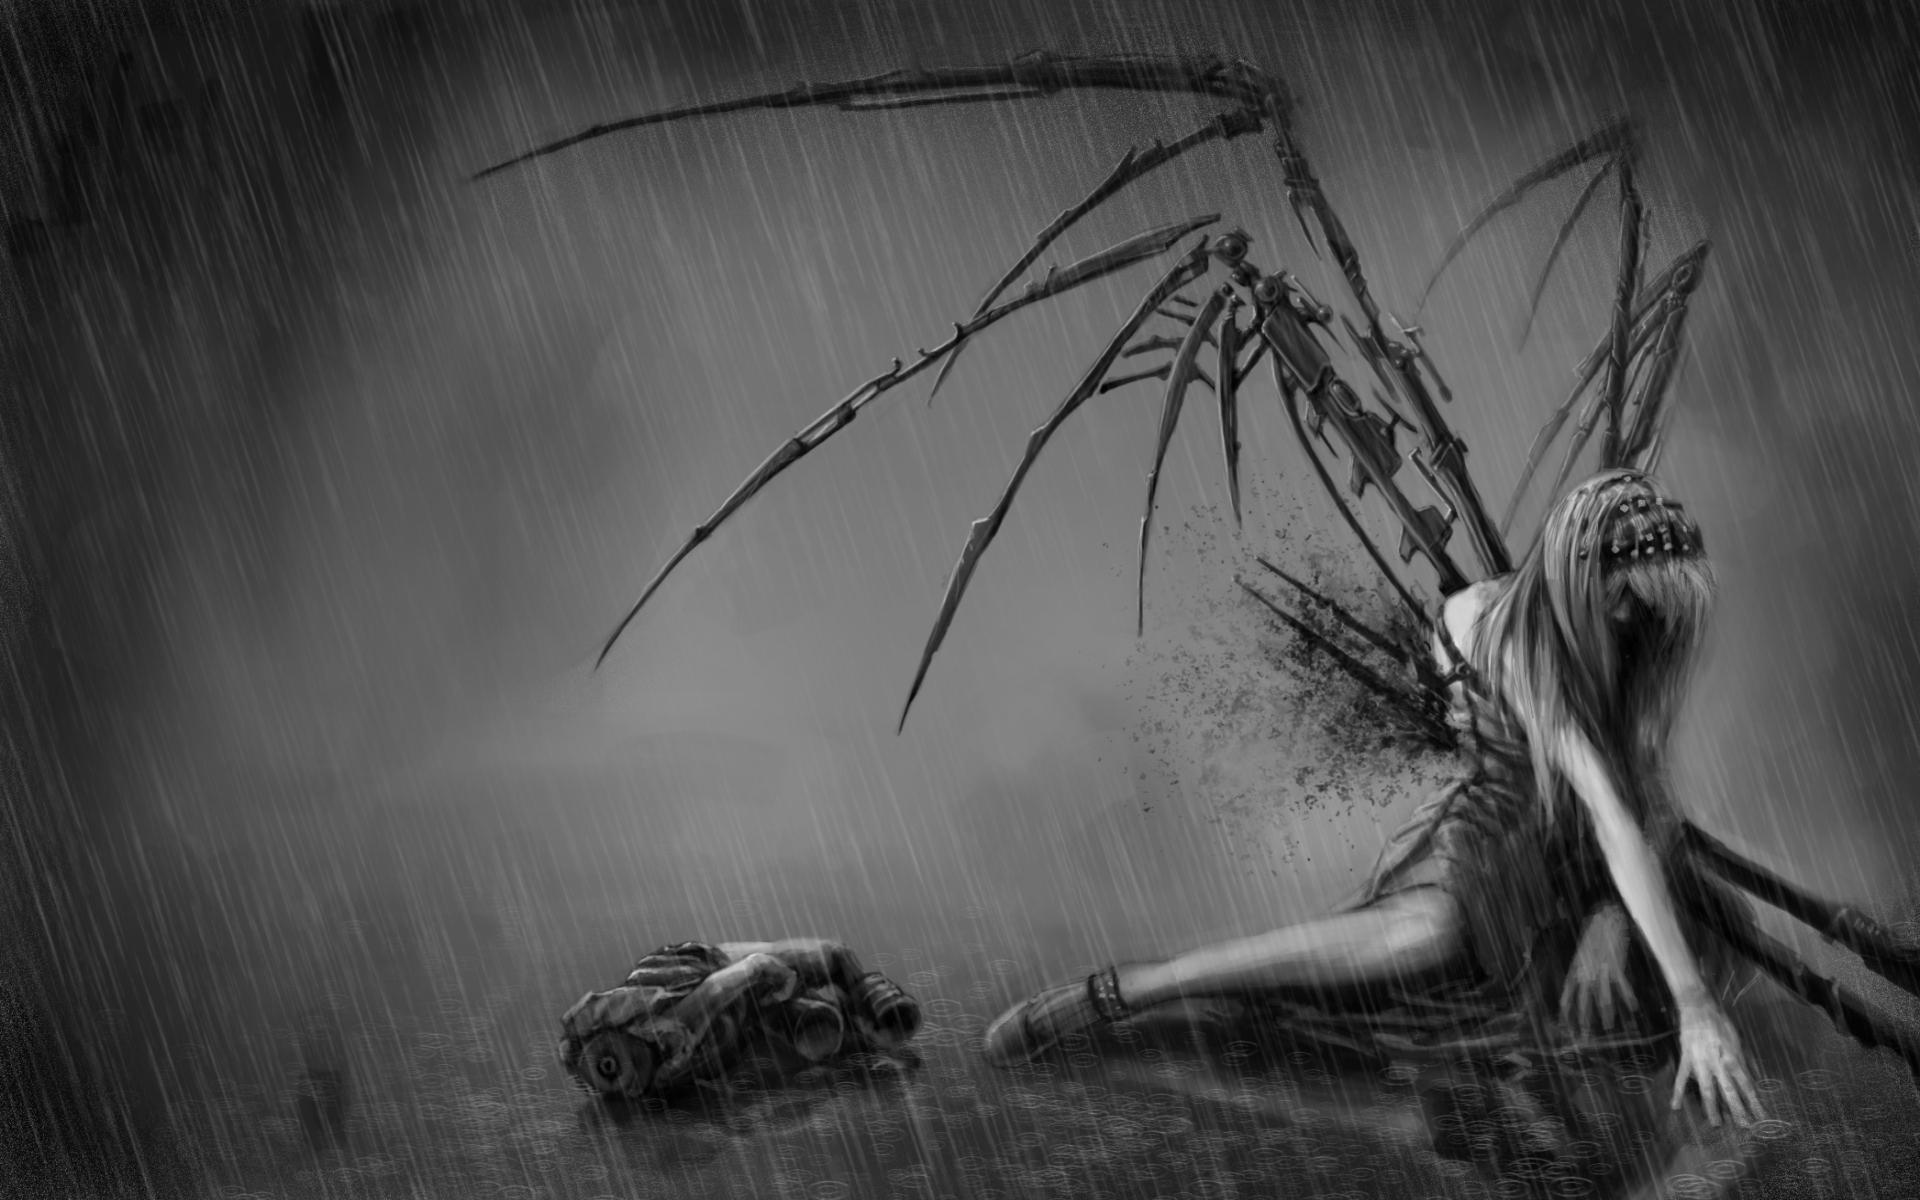 Free download la sagne deviantart com anime fantasy dark horror evil fallen angels 1920x1200 - Free evil angel pictures ...